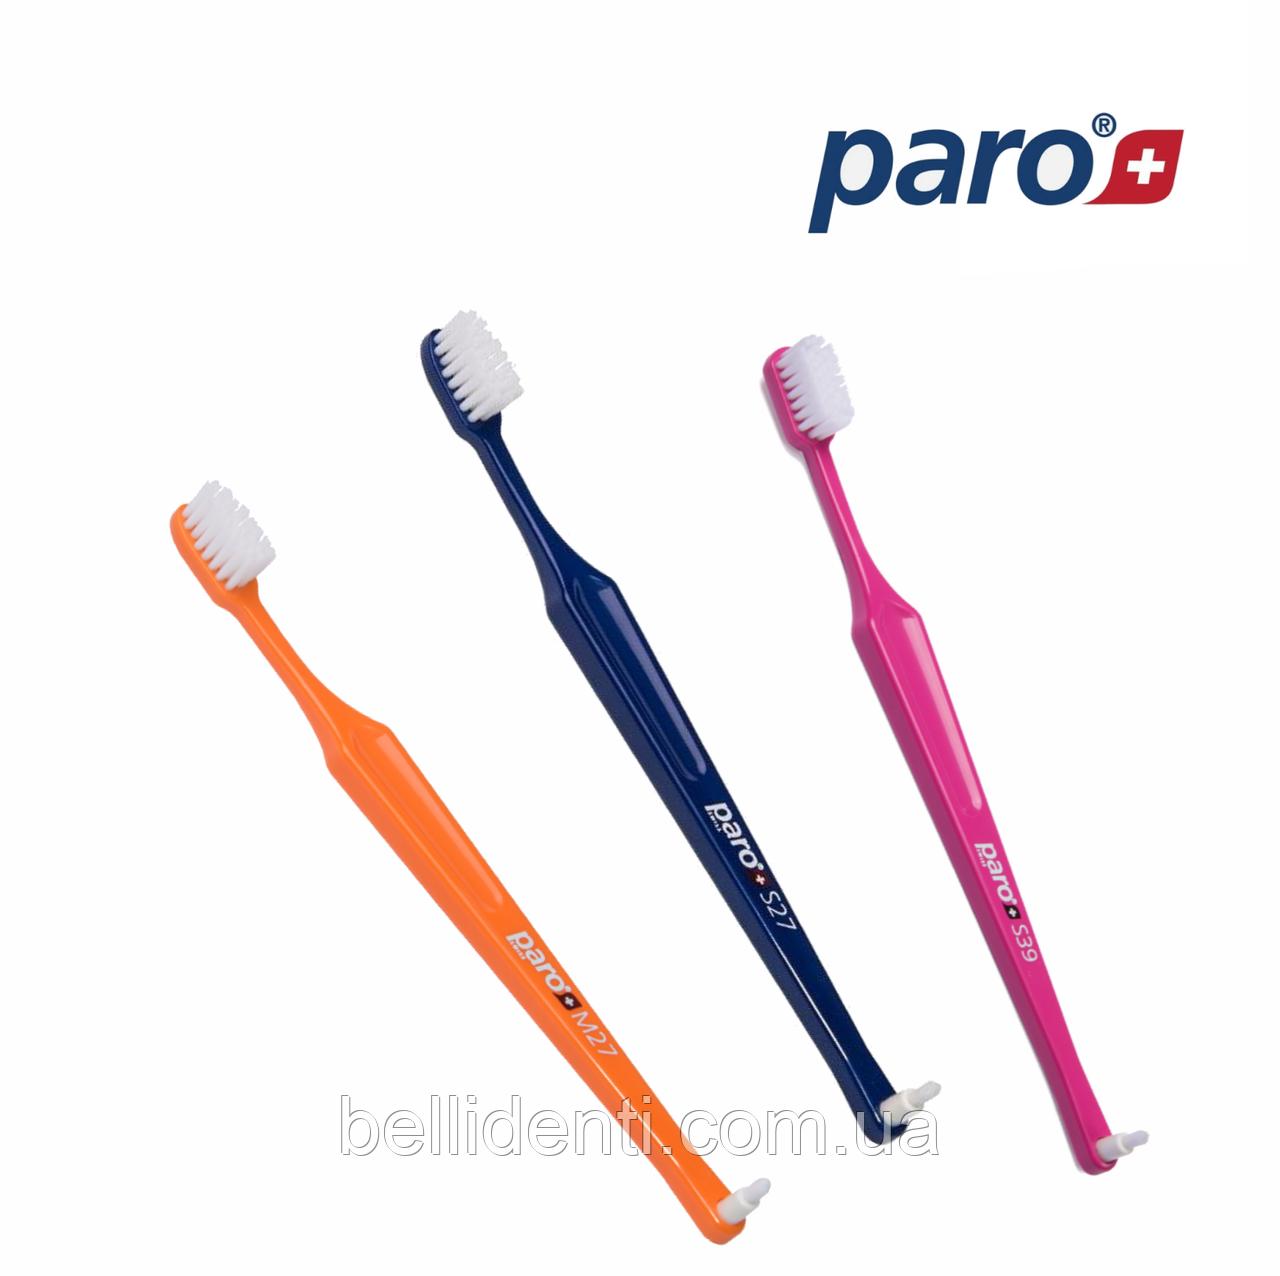 Детская зубная щетка paro S27, мягкая (от 6 лет), 1 шт